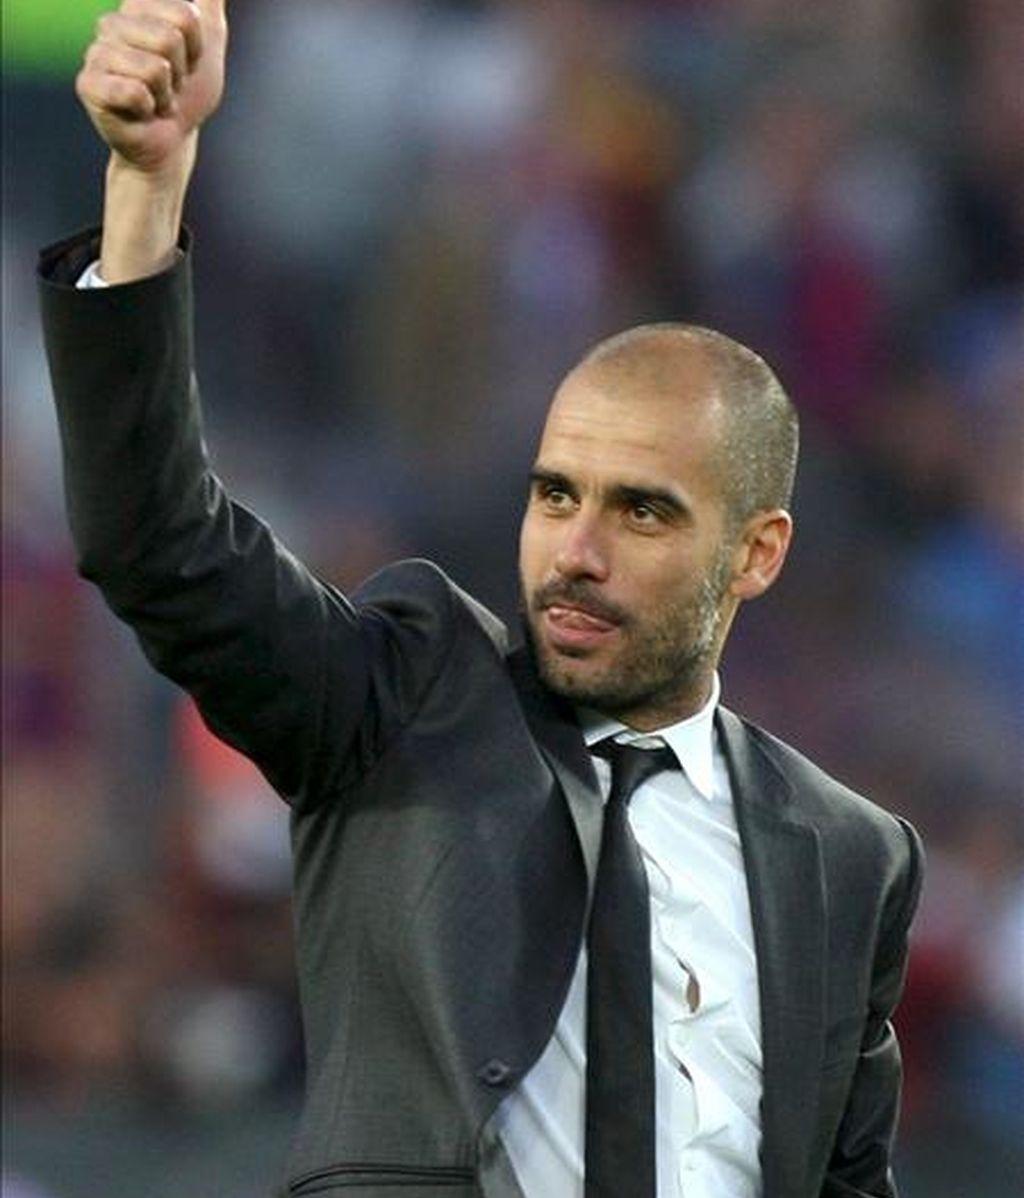 El entrenador del FC Barcelona Josep Guardiola. EFE/Archivo